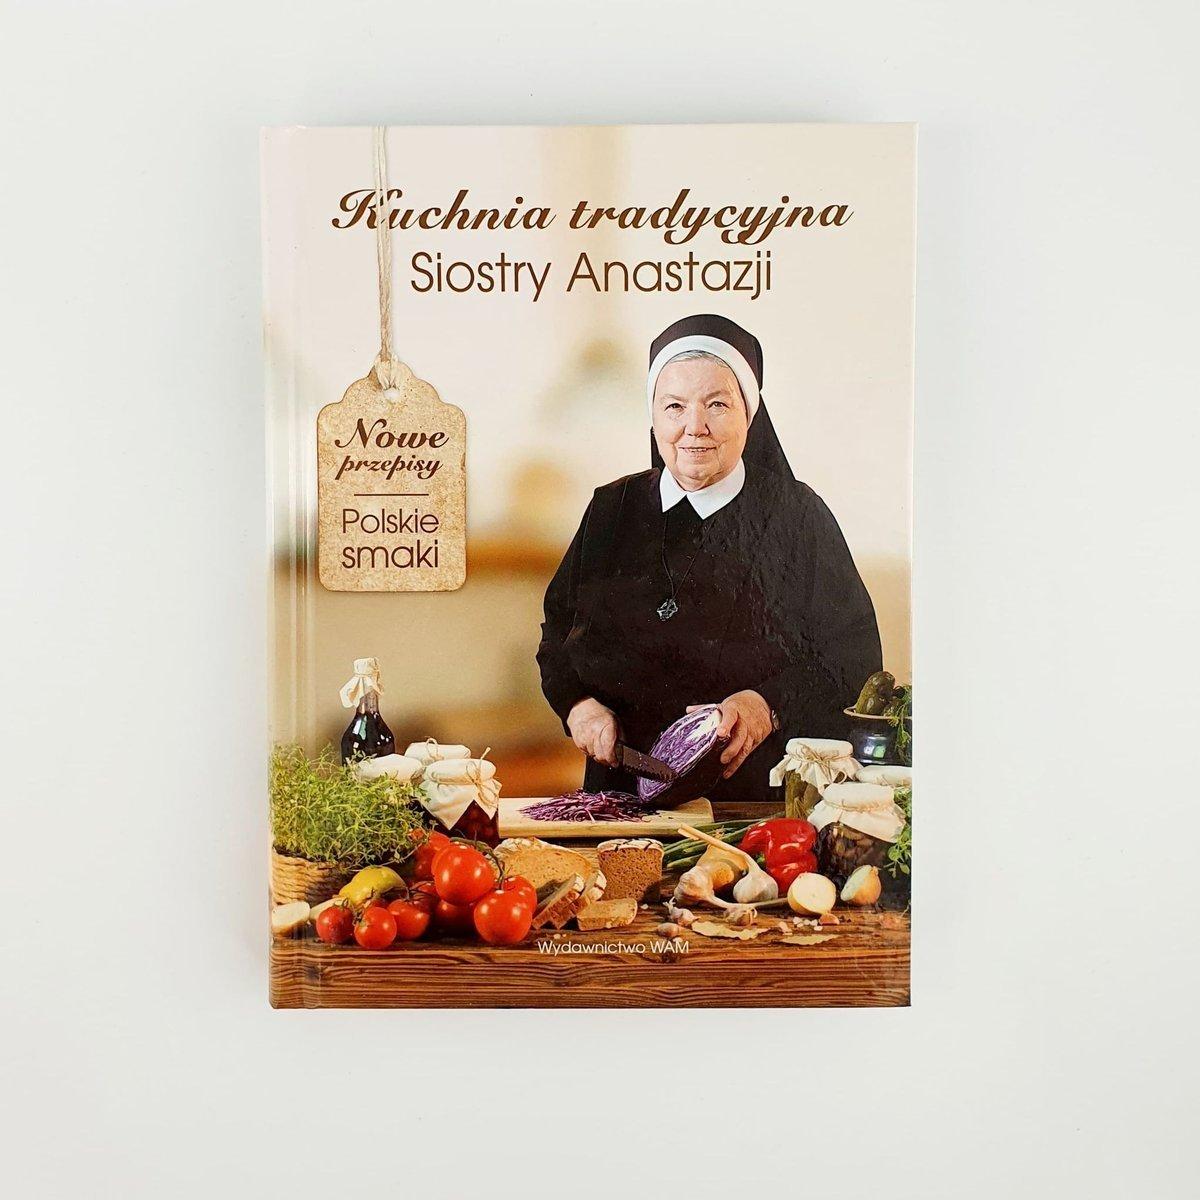 Kuchnia Tradycyjna Siostry Anastazji Wam Braterska